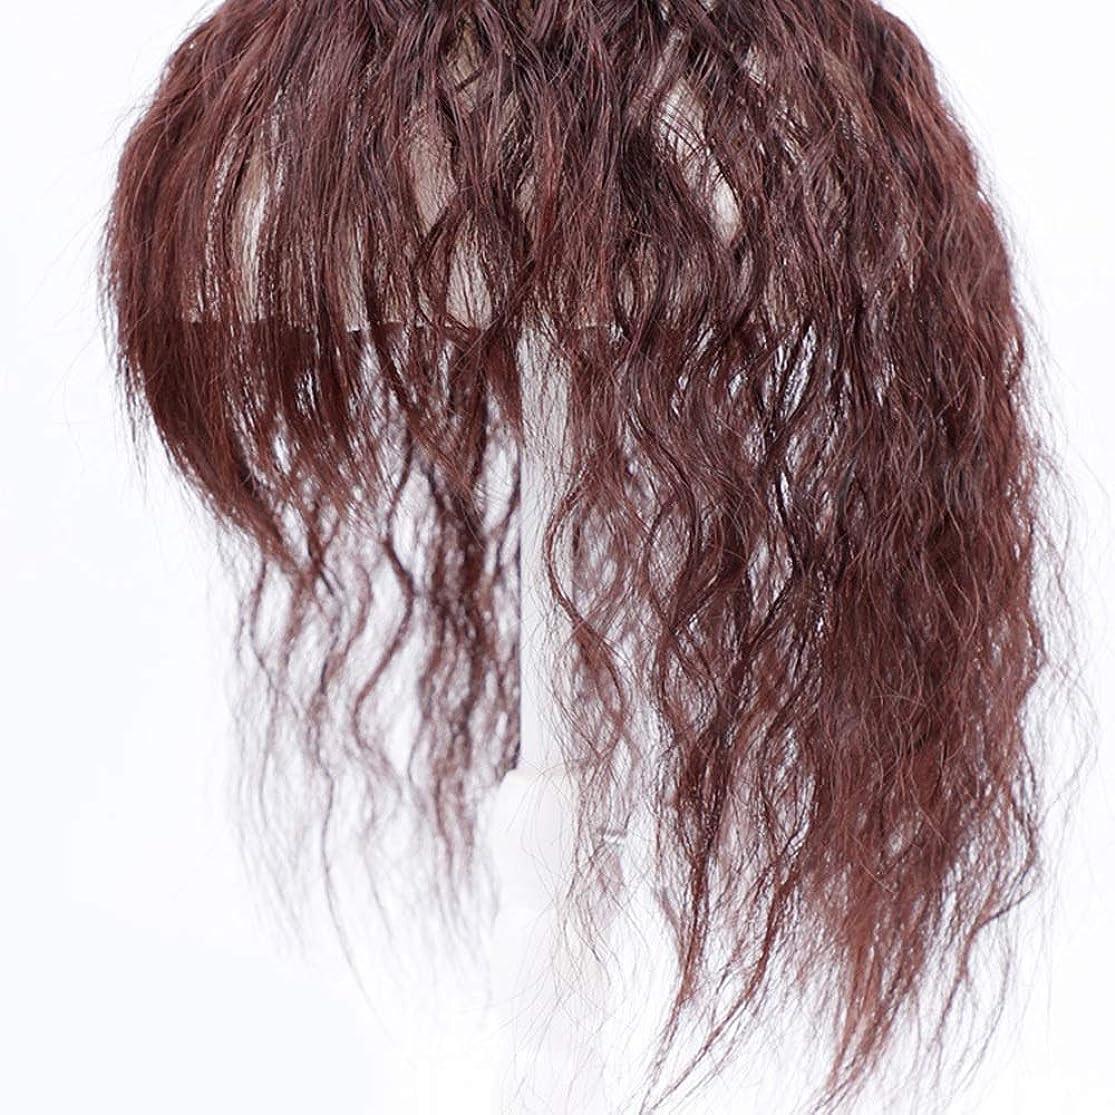 靄ペネロペ突然かつら ヘアエクステンションダークブラウンウィッグパーティーかつらで女性のクリップのためのコーンの長い巻き毛 (色 : Dark brown, サイズ : 25cm)